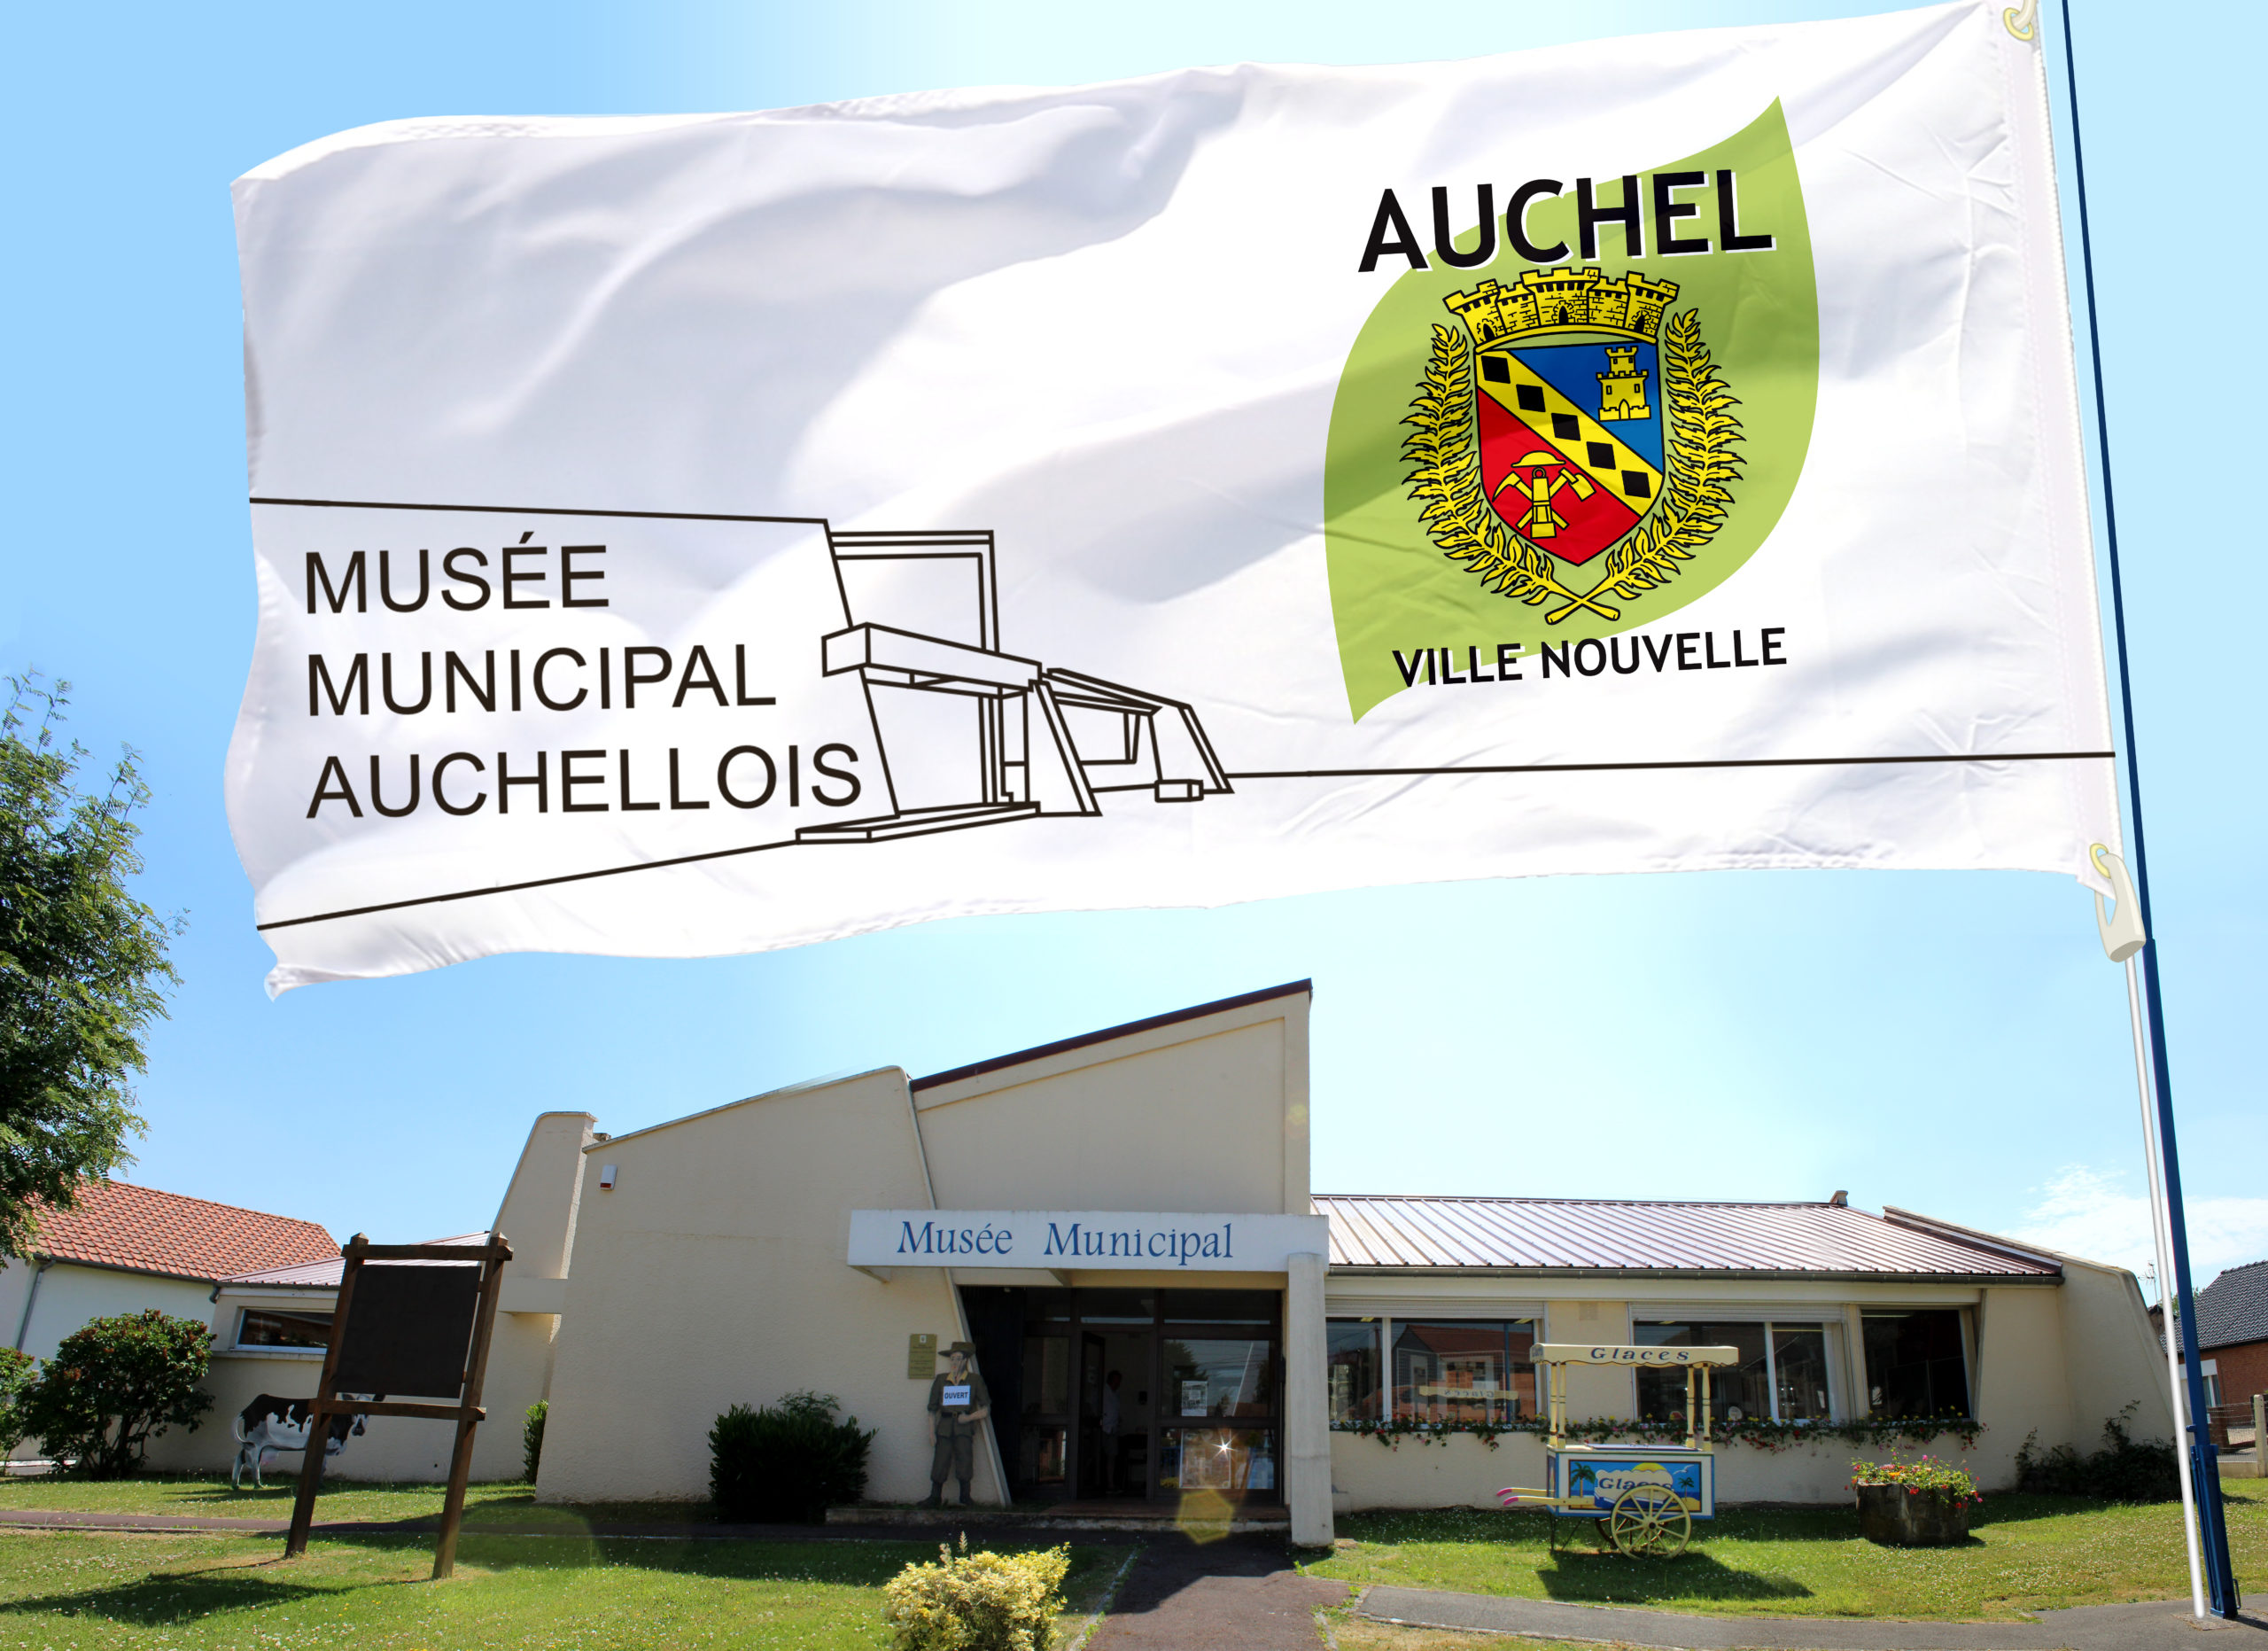 LE MUSEE MUNICIPAL